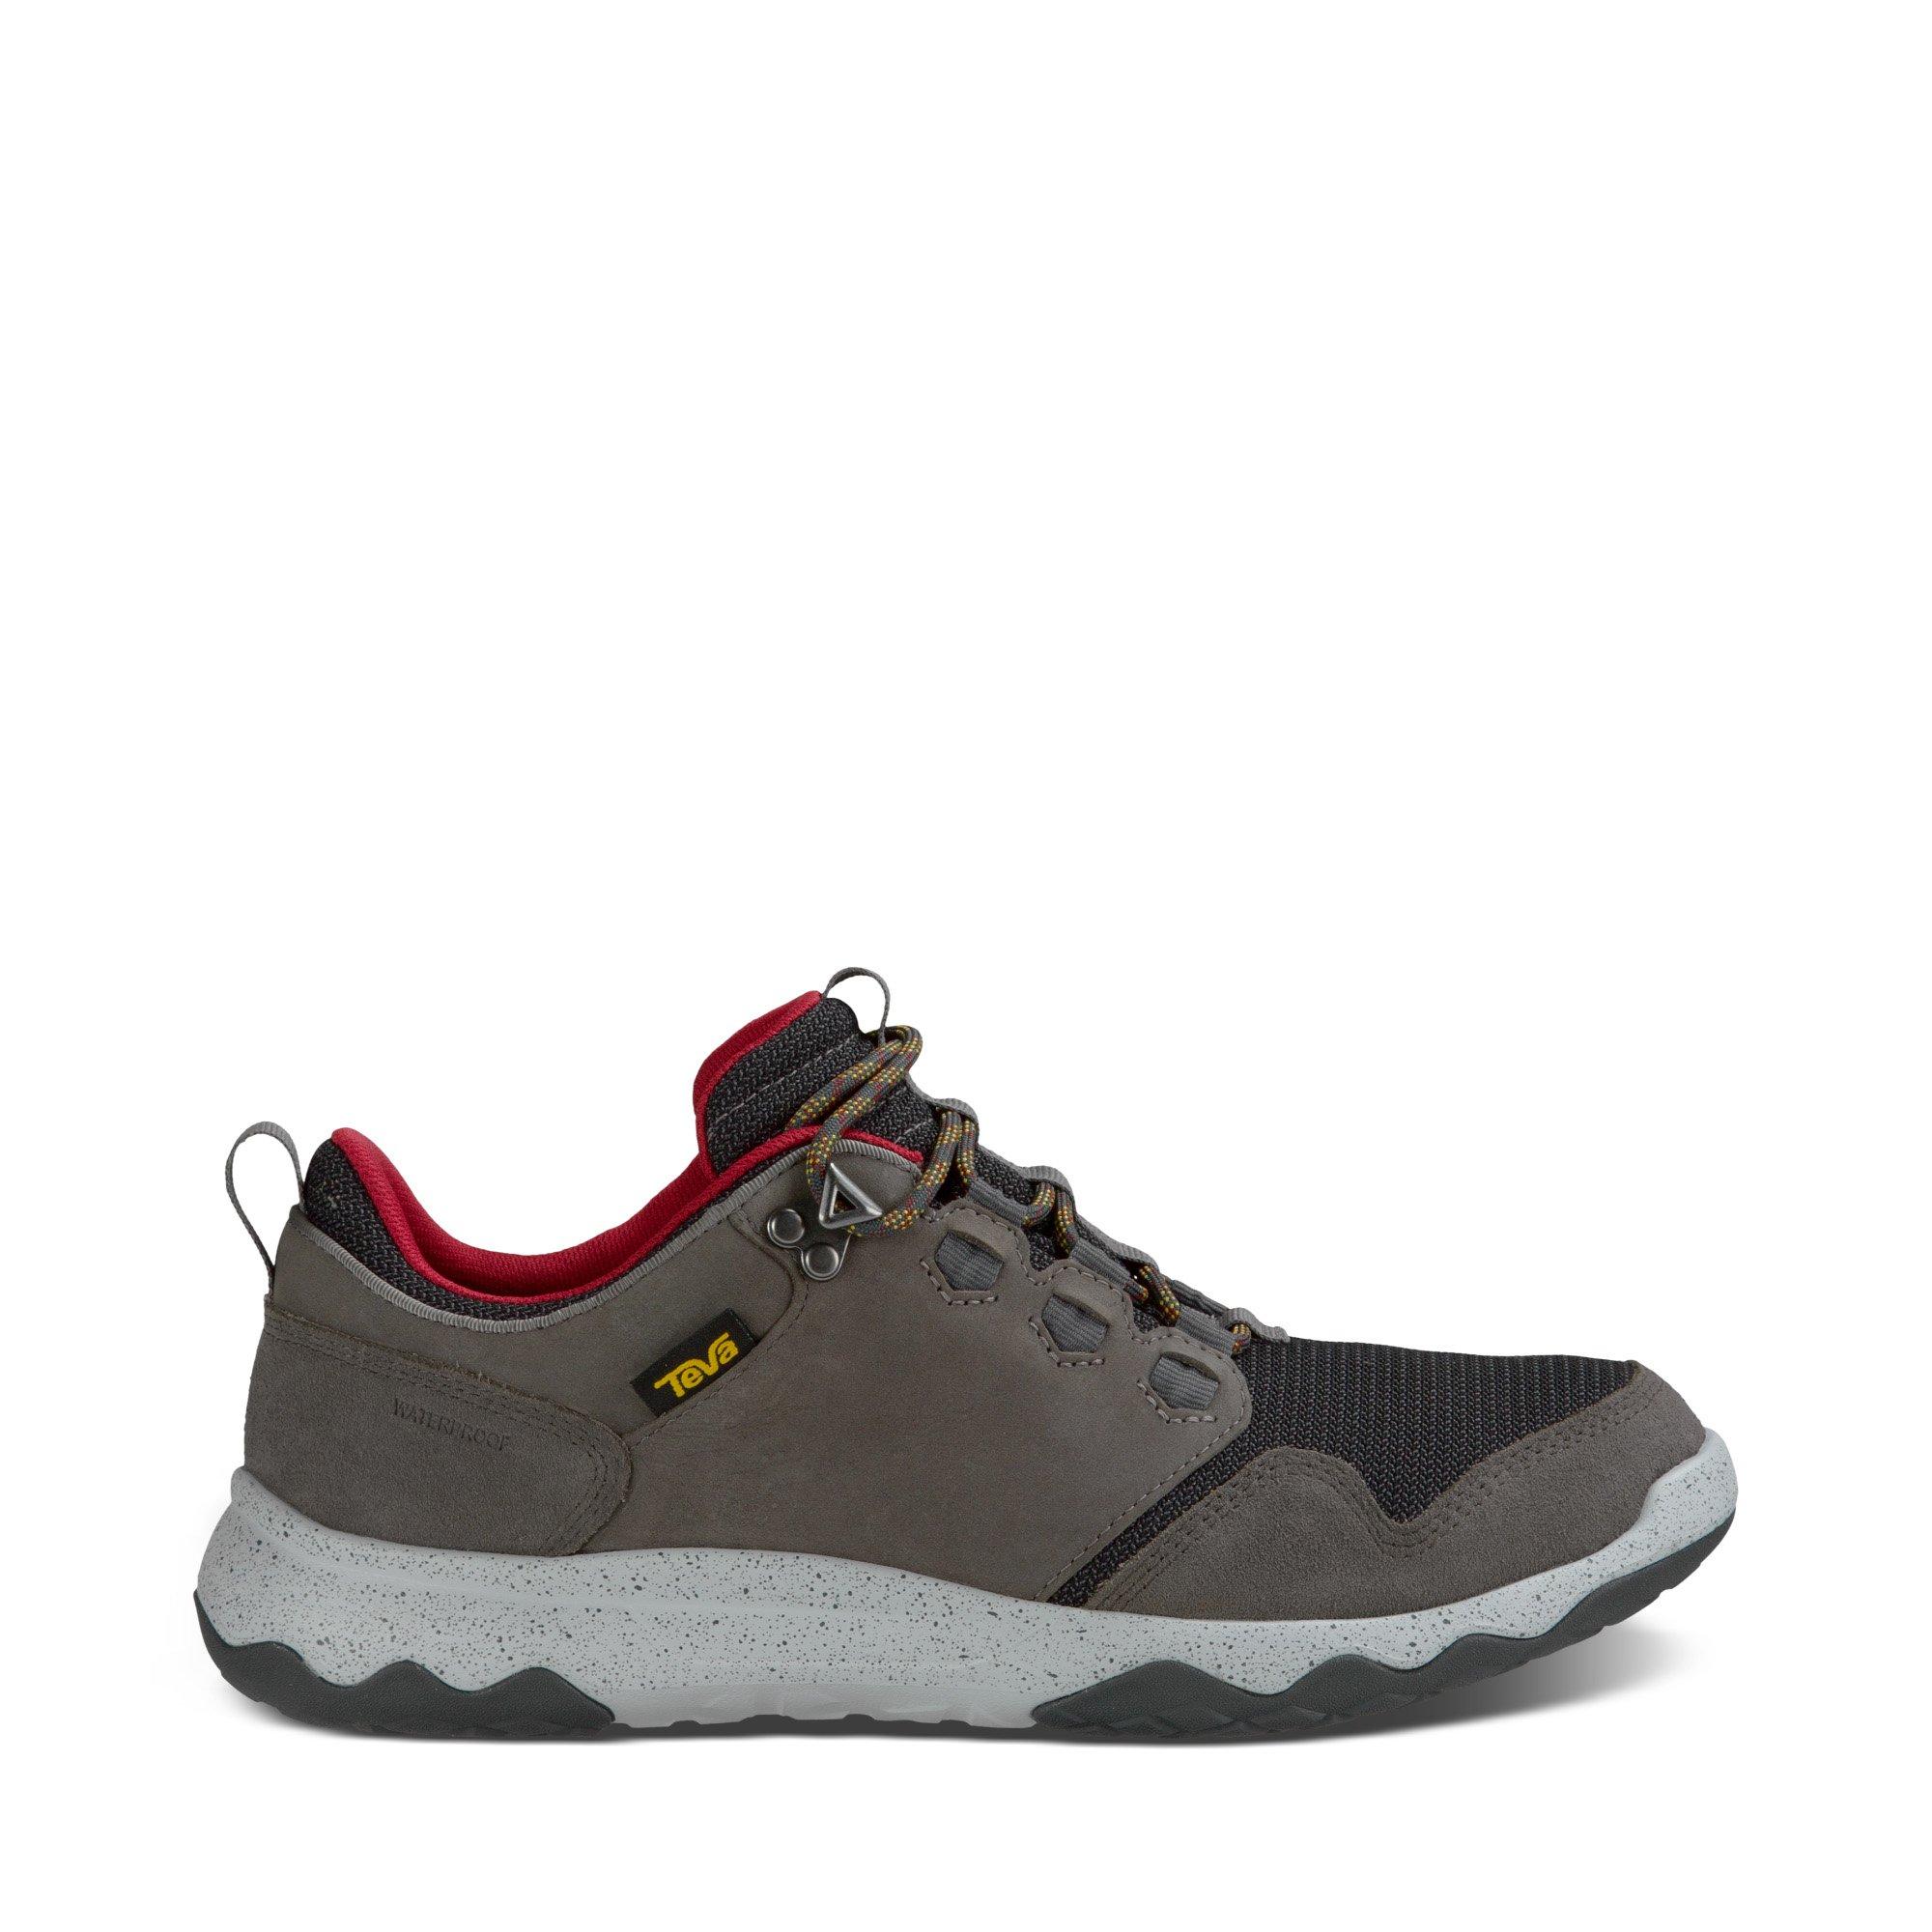 Teva Men's M Arrowood Waterproof Hiking Shoe,Grey,11.5 M US by Teva